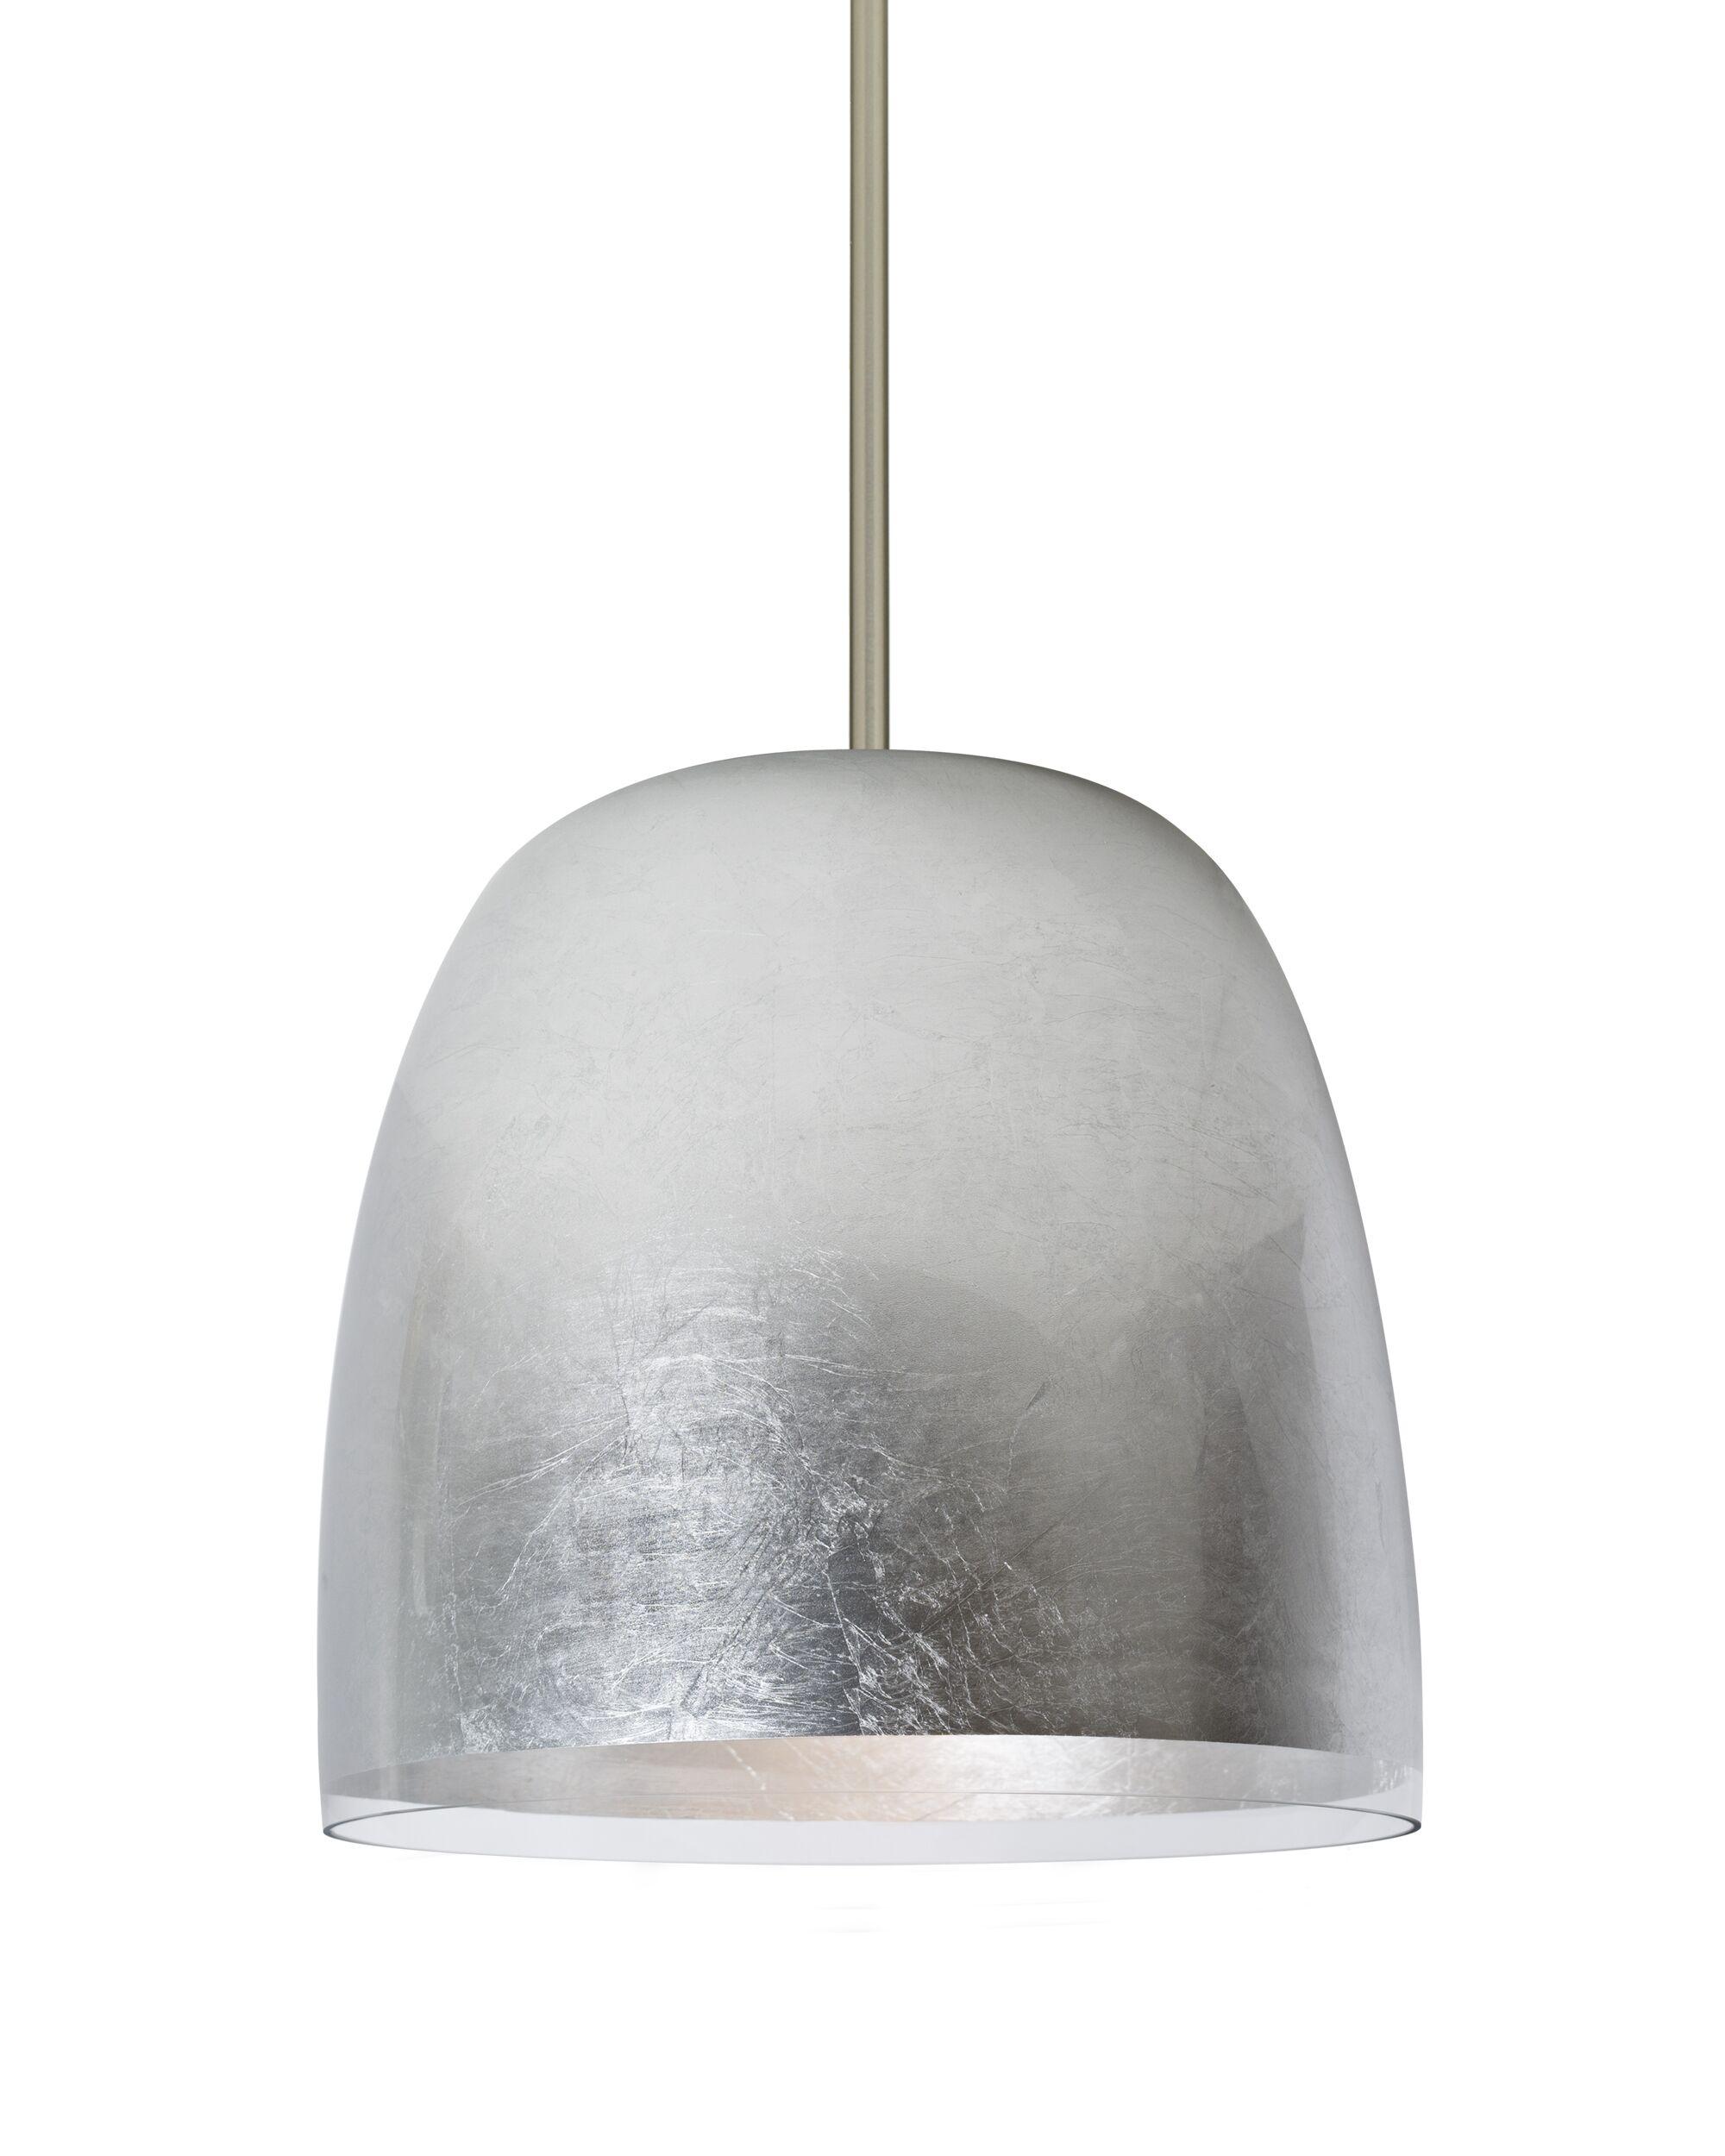 Clarissa 1-Light Dome Pendant Finish: Satin Nickel, Shade Color: Silver Foil